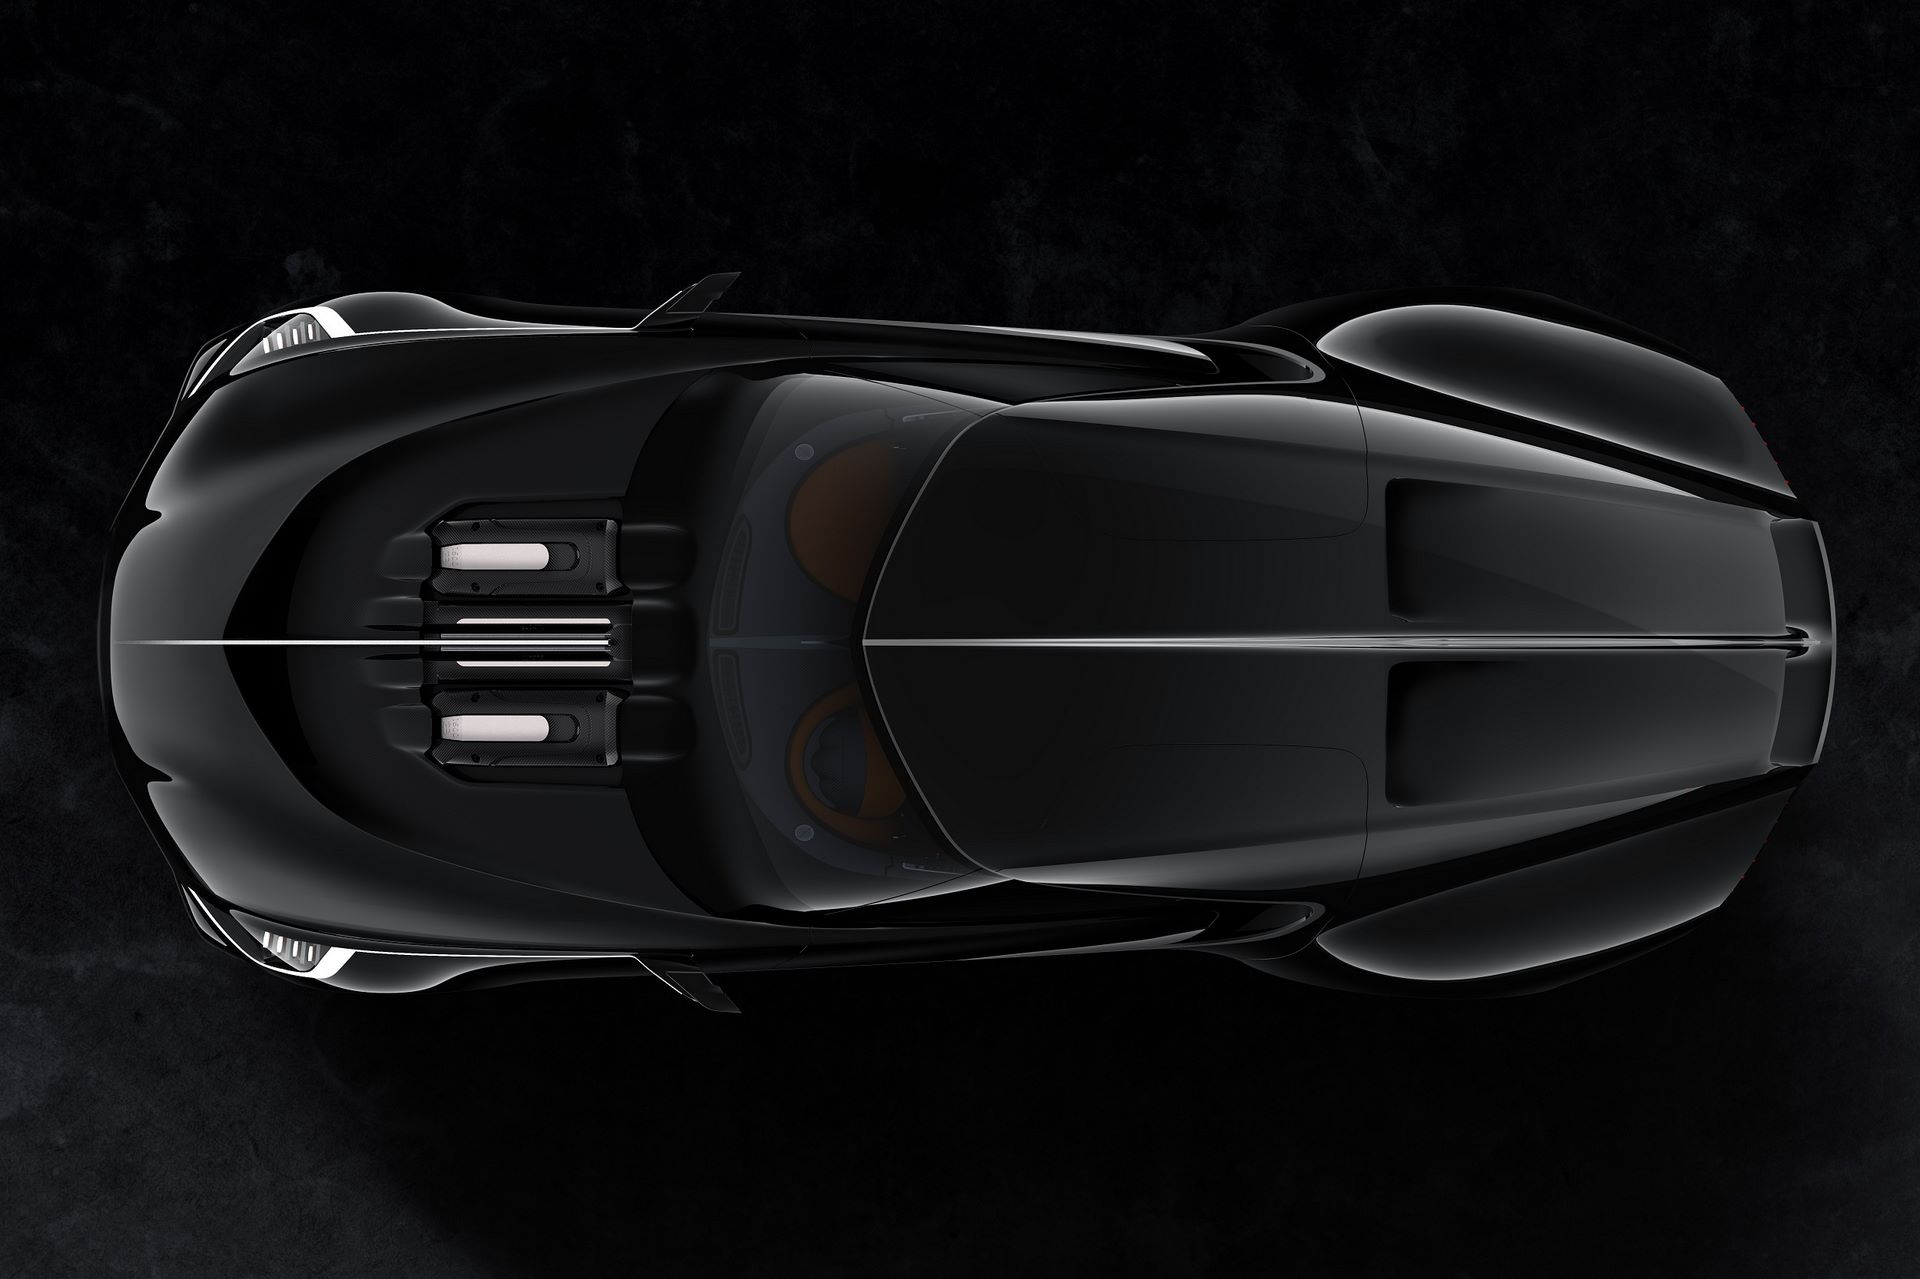 bugatti-w16-coupe-6